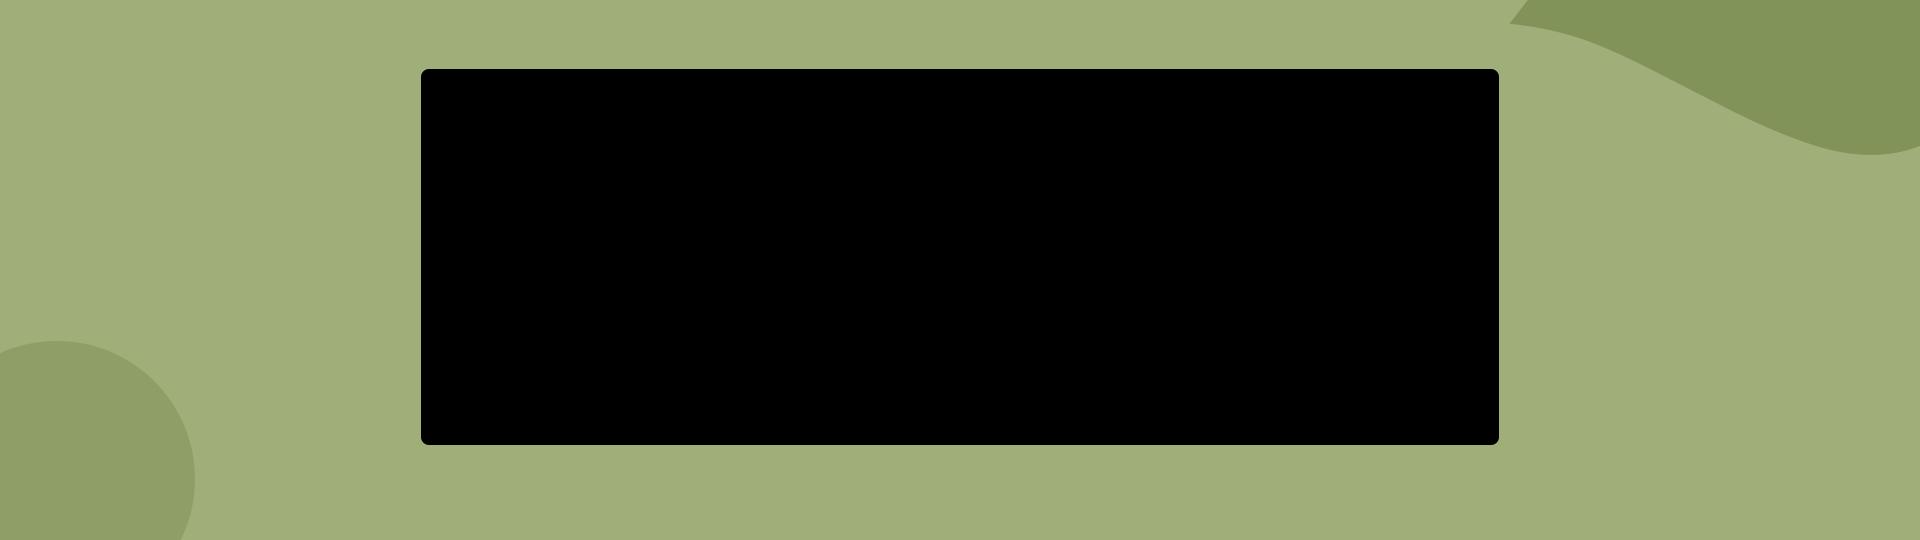 CATEGORY-HIRDAV-BANYOPAKETLERI2990TLDENYENILE-18-07